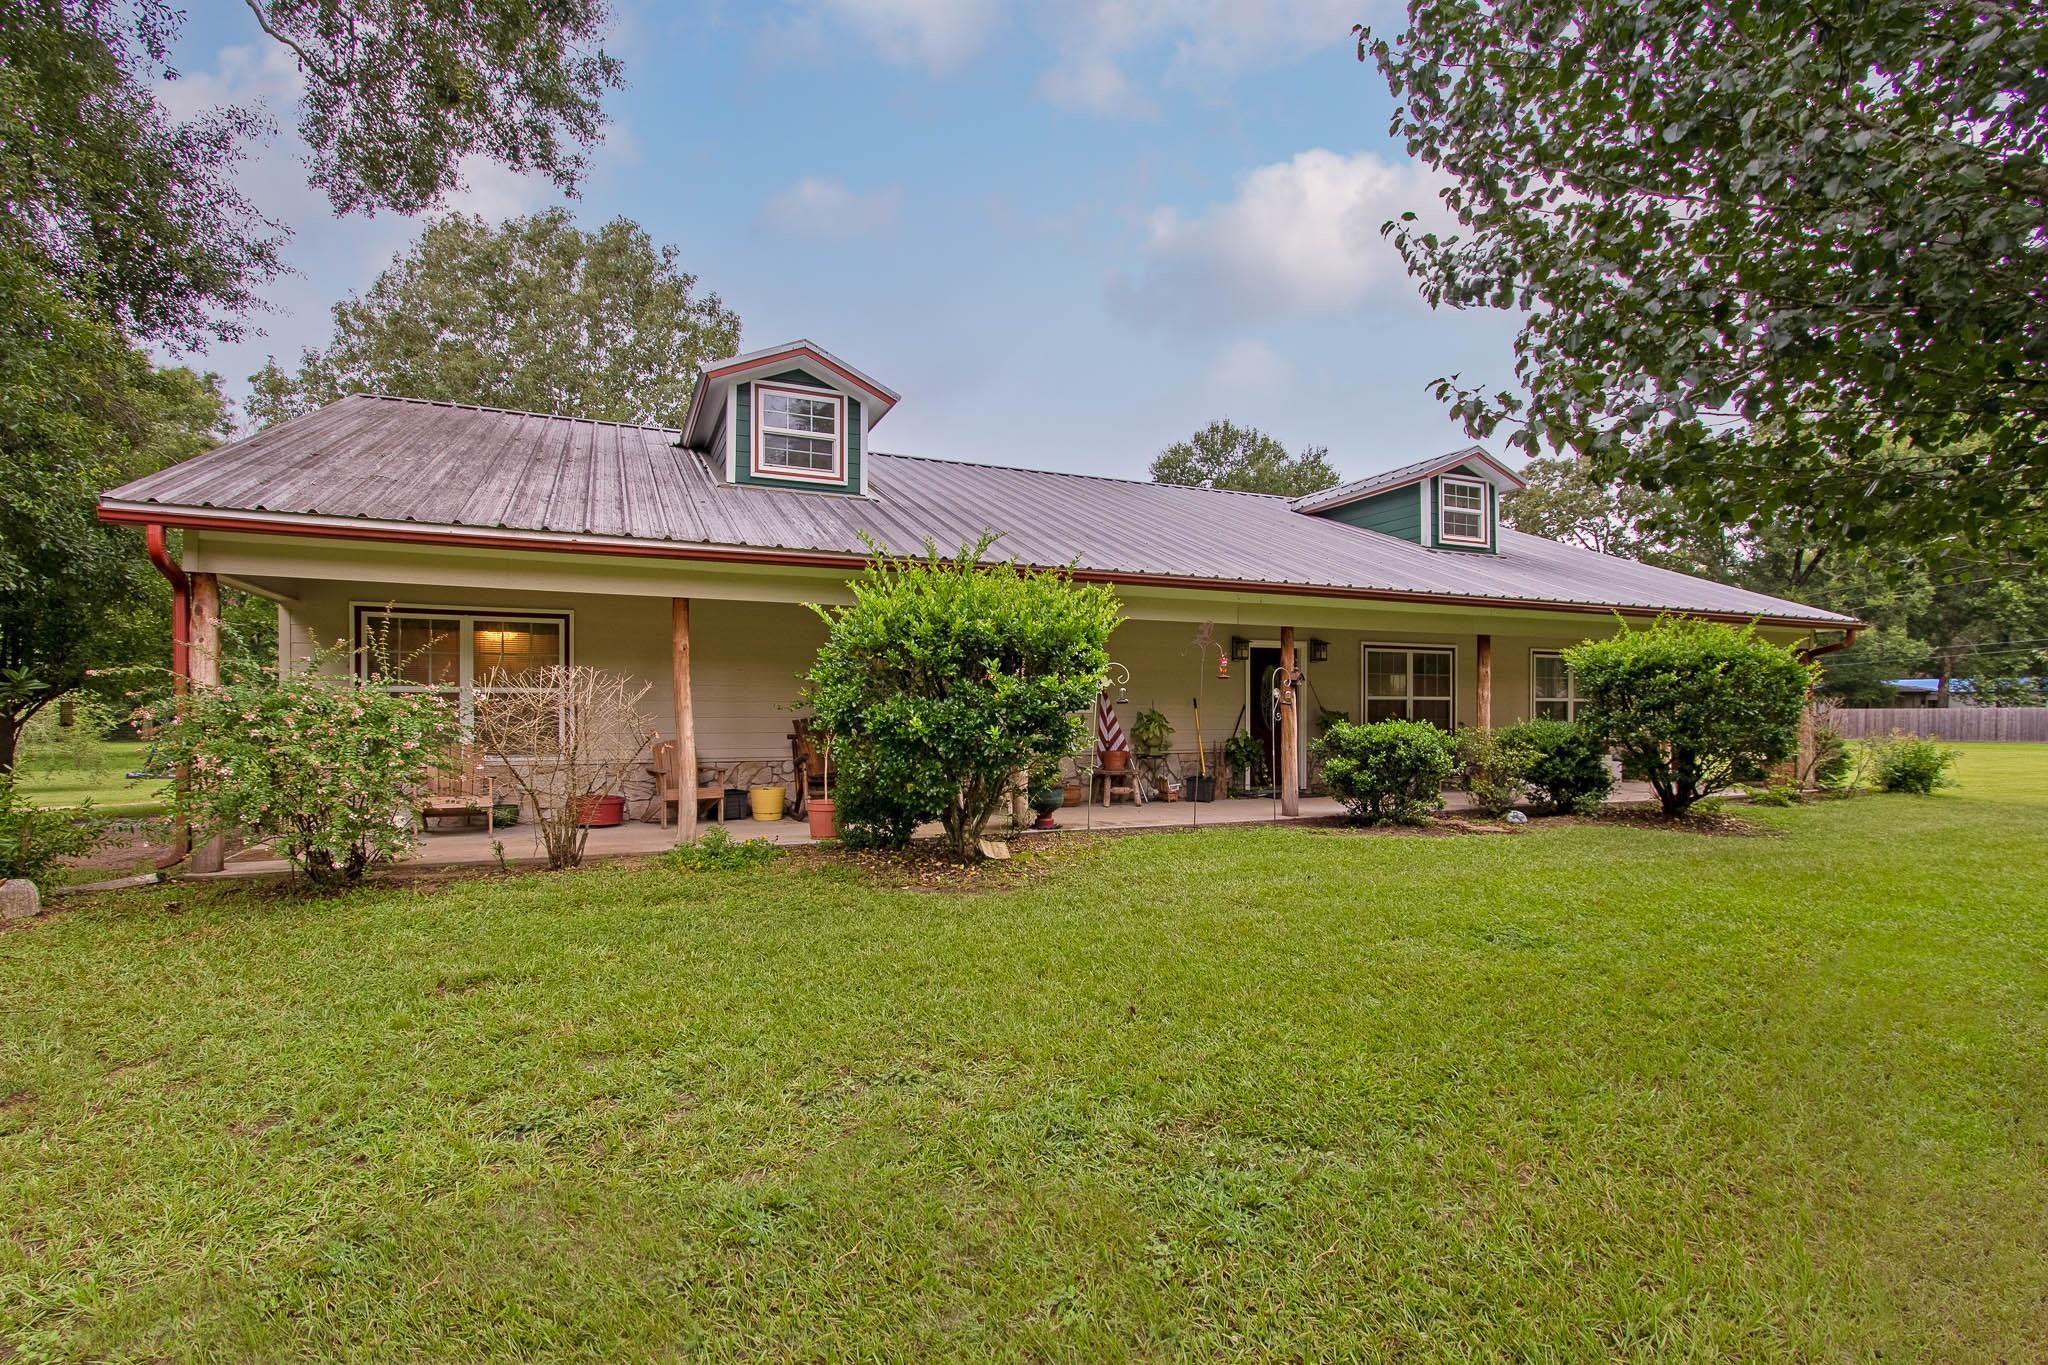 22438 Liberty Property Photo 1